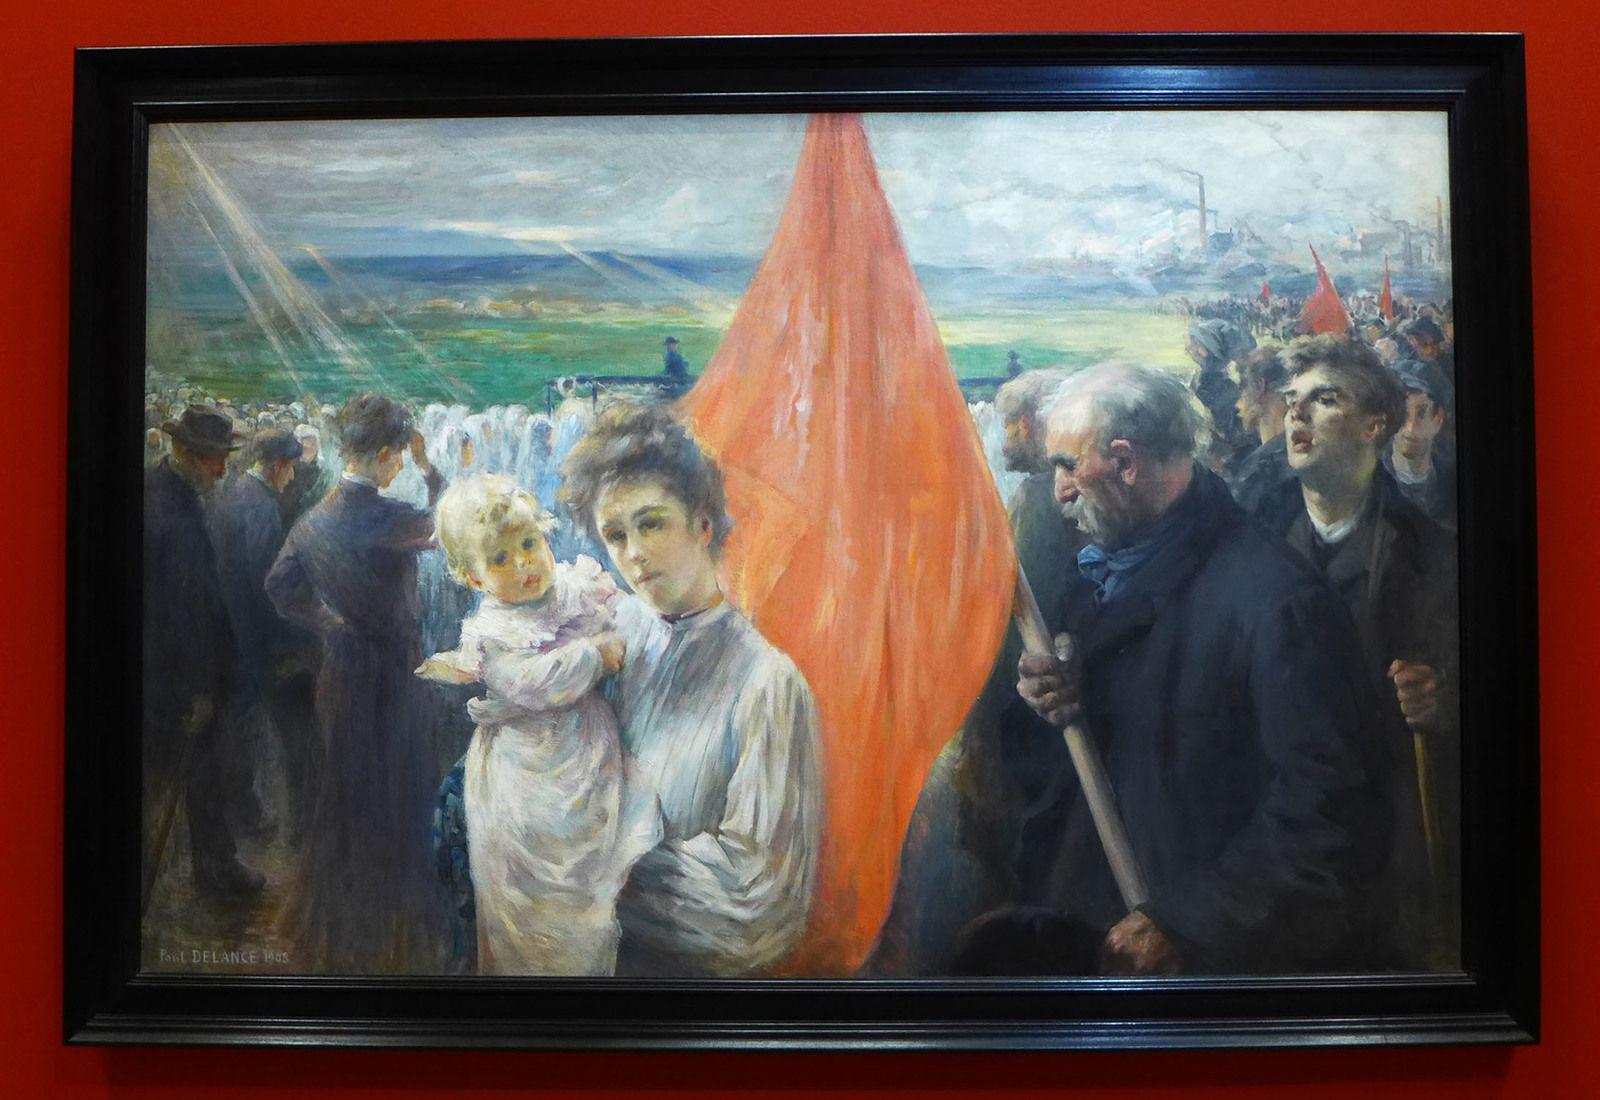 Paul-Louis DELANCE (1848-1924), Grève à Saint-Ouen (1908), Paris-musée d'Orsay